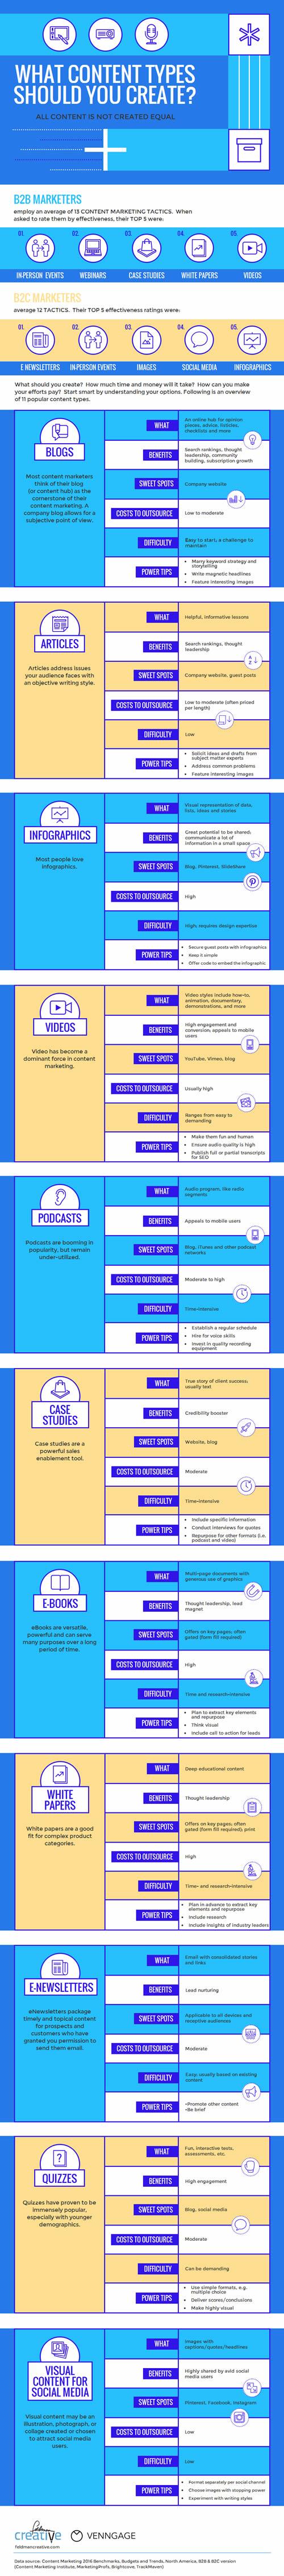 Tipologie di contenuti sul web_infografica